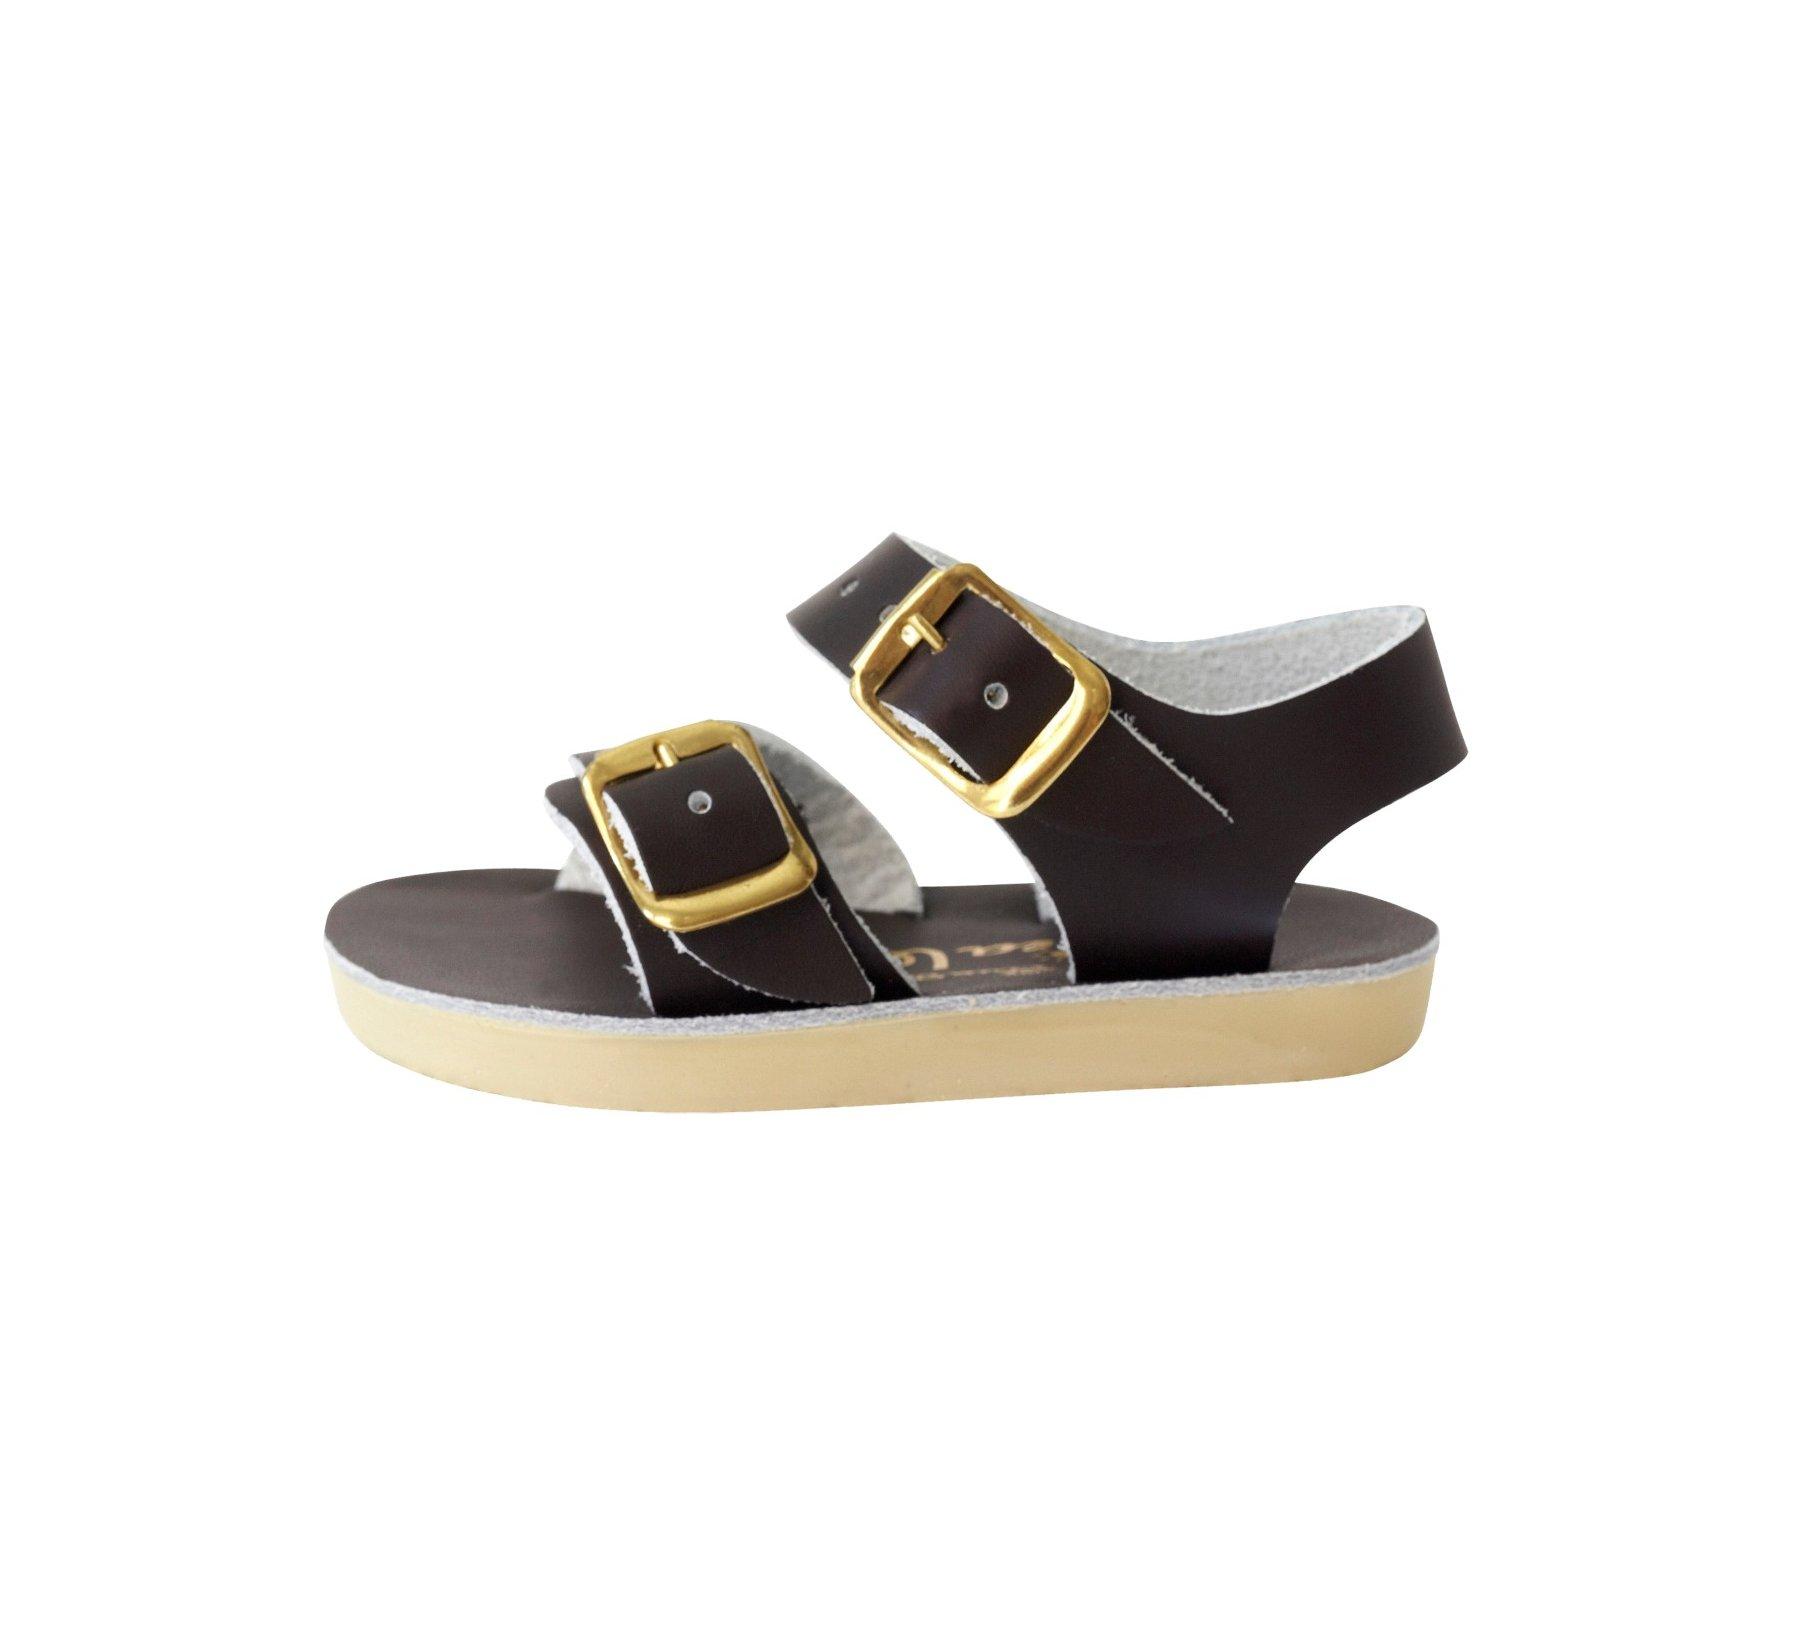 Seawee in Braun - Salt Water Sandals